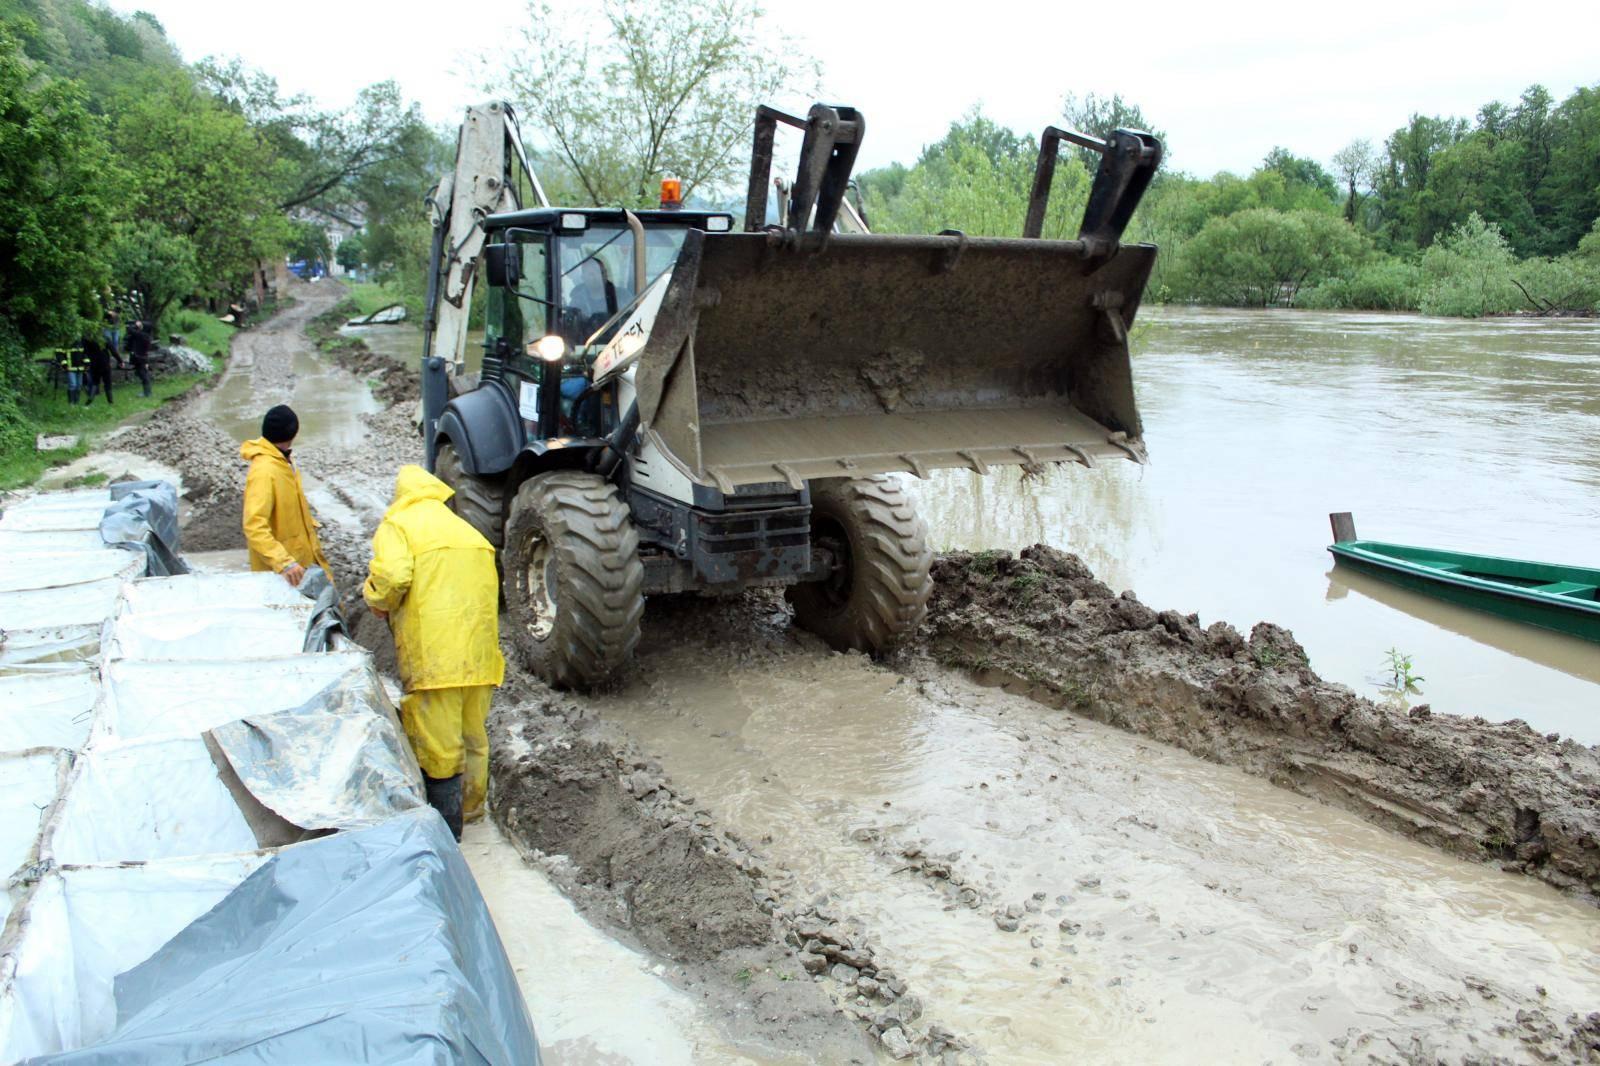 Hrvatska Kostajnica: Radnici Vodoprivrede postavljaju barijere kako bi spriječili prodirnje Une